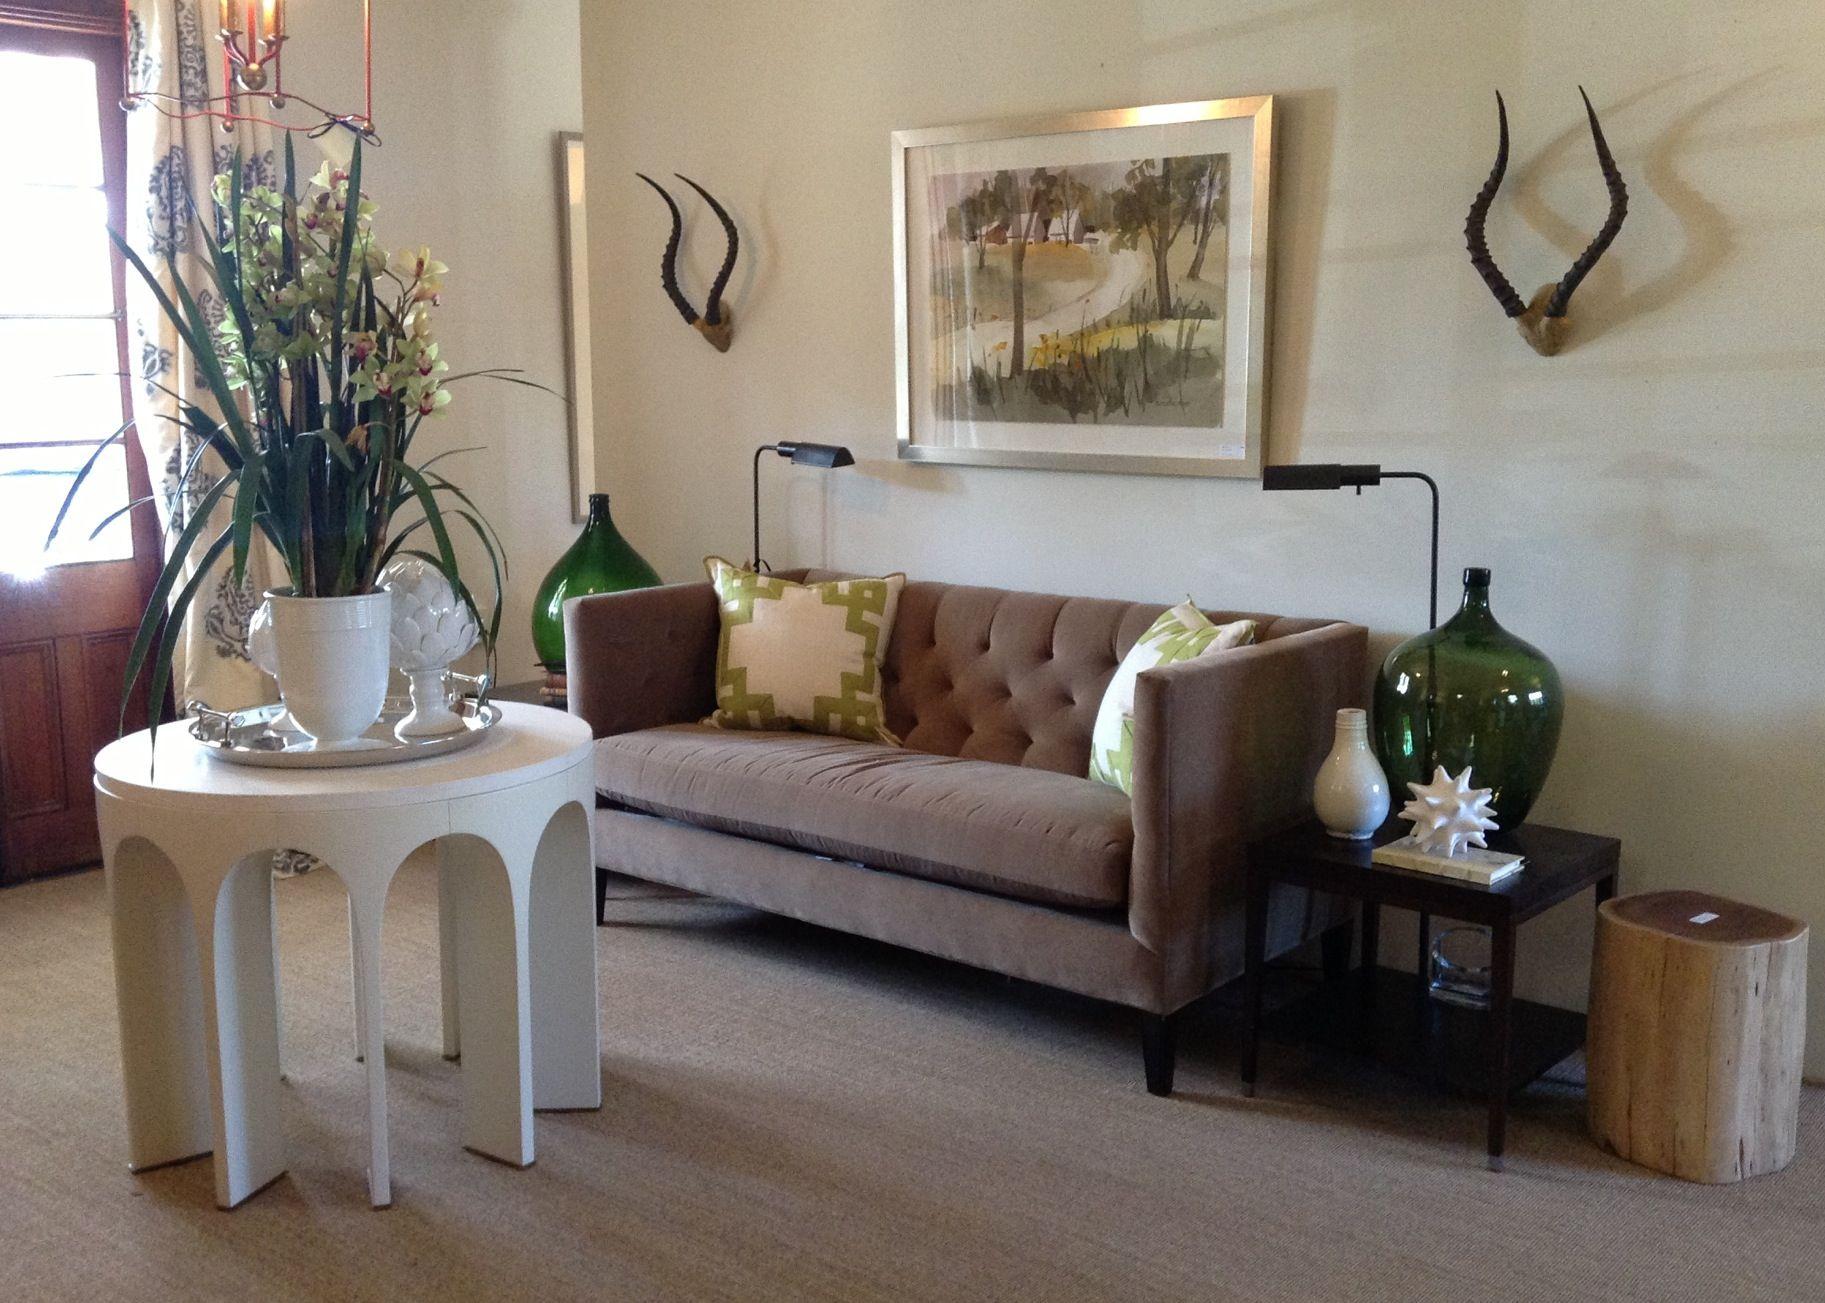 Rustic Chic Perfect For Every Season Design By Dixon Smith Interiors Baton Rouge La Contemporary Furnishings Interior Home Decor